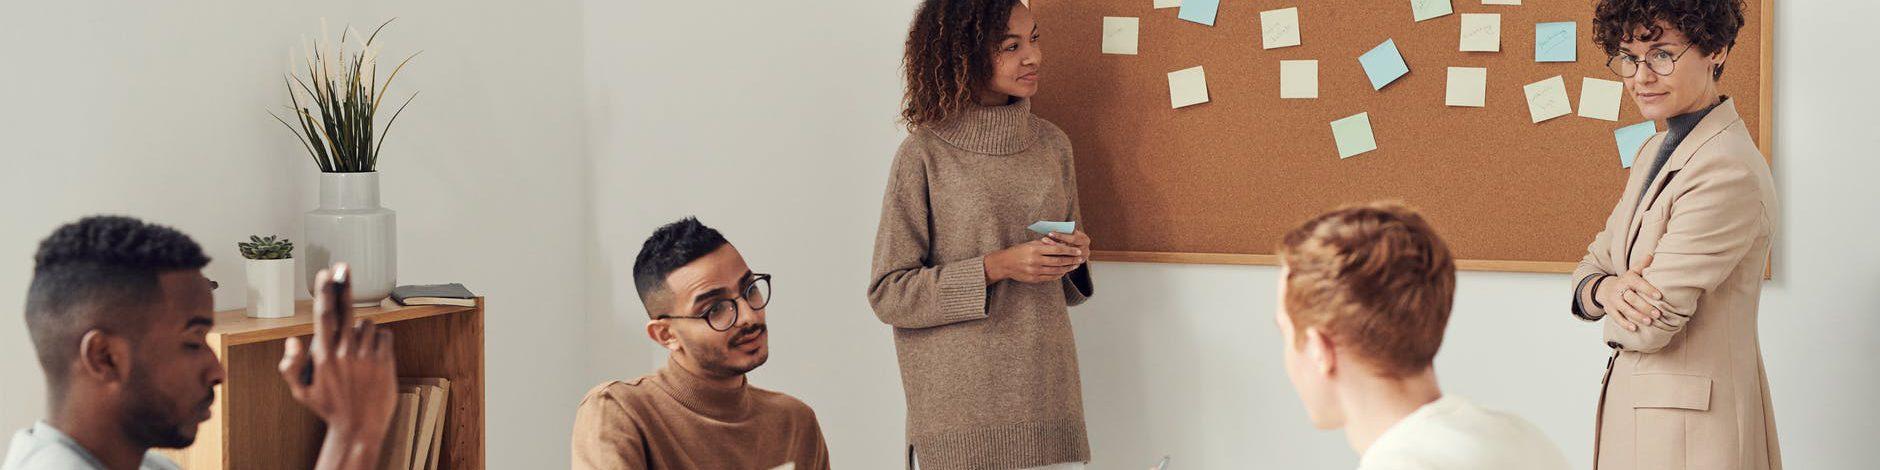 two women standing beside brown board on wall